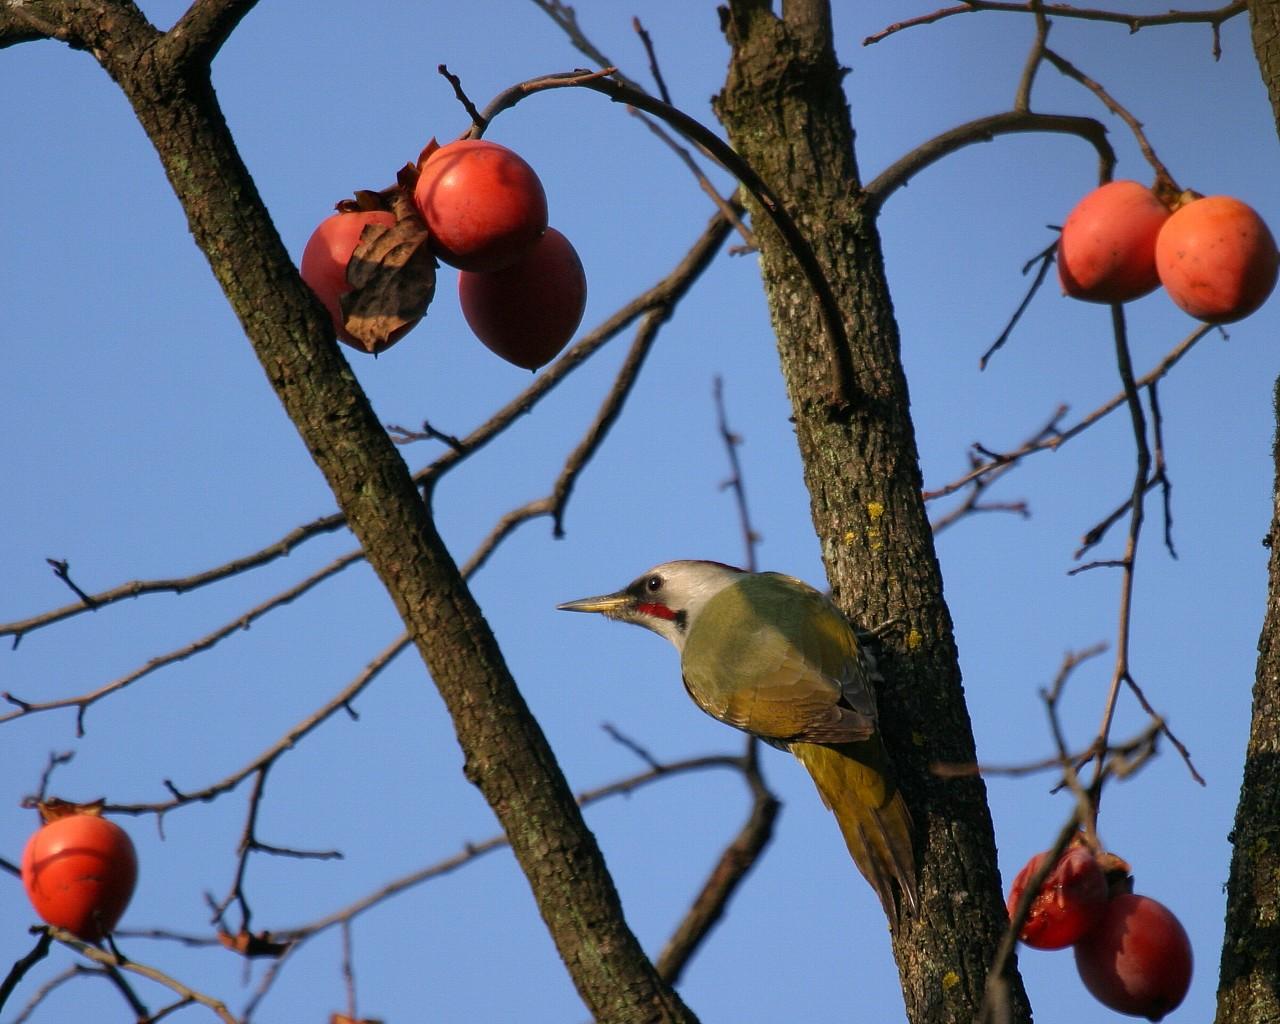 秋冬の定番 柿と野鳥シリーズその5: アオゲラ_f0105570_21354199.jpg